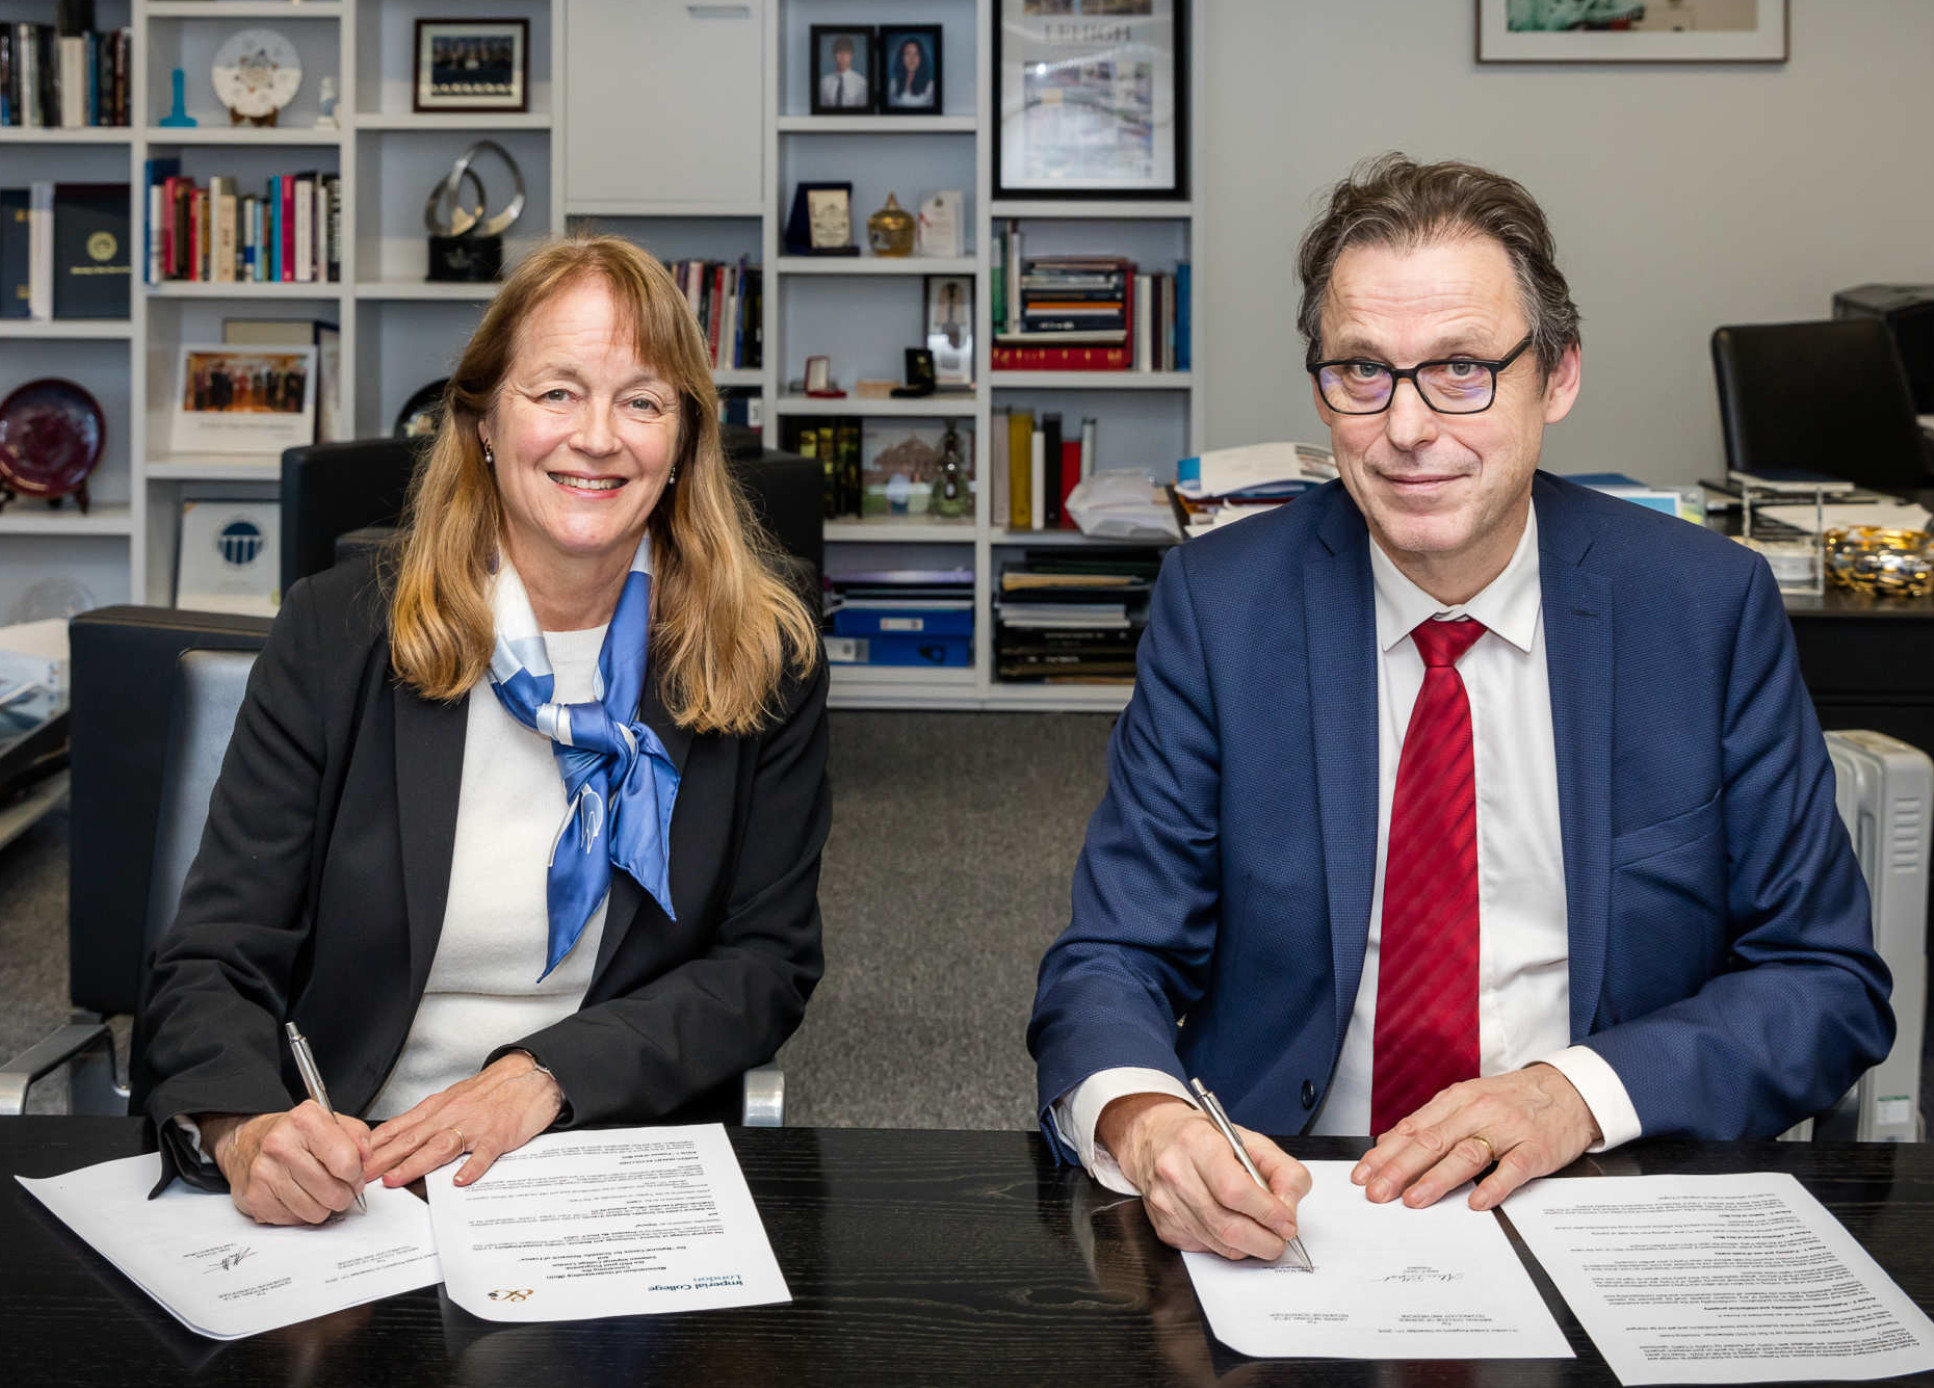 Le président Gast et le professeur Alan Scholl, directeur général en charge de la science et de la recherche au CNRS, ont officiellement lancé le programme doctoral conjoint